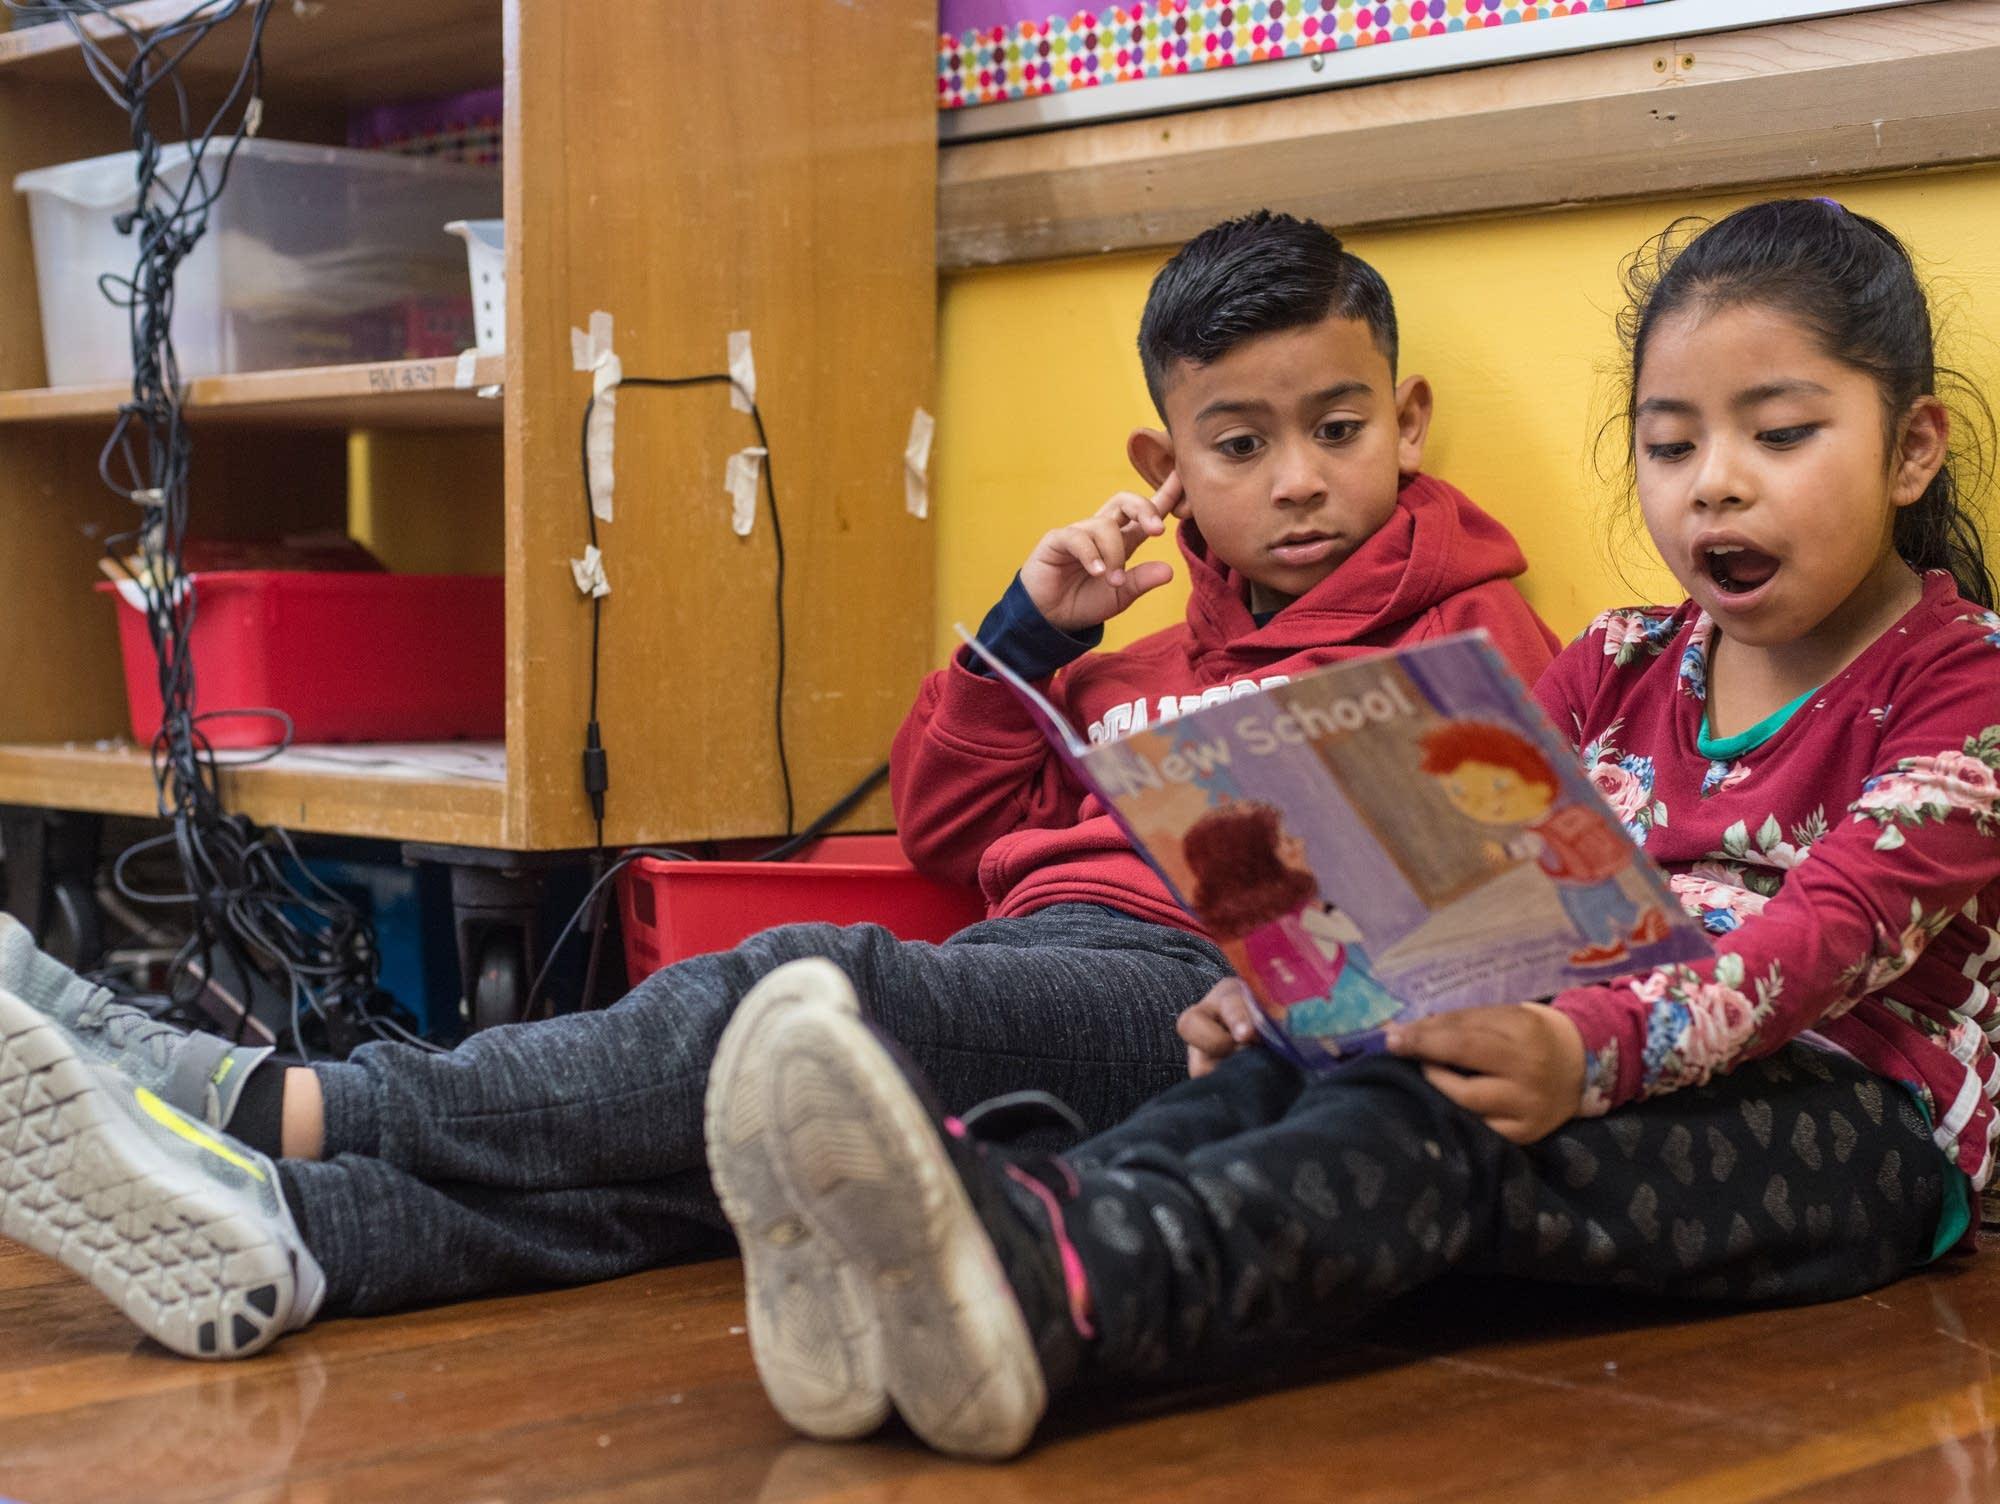 Steven and Belinda, buddy reading